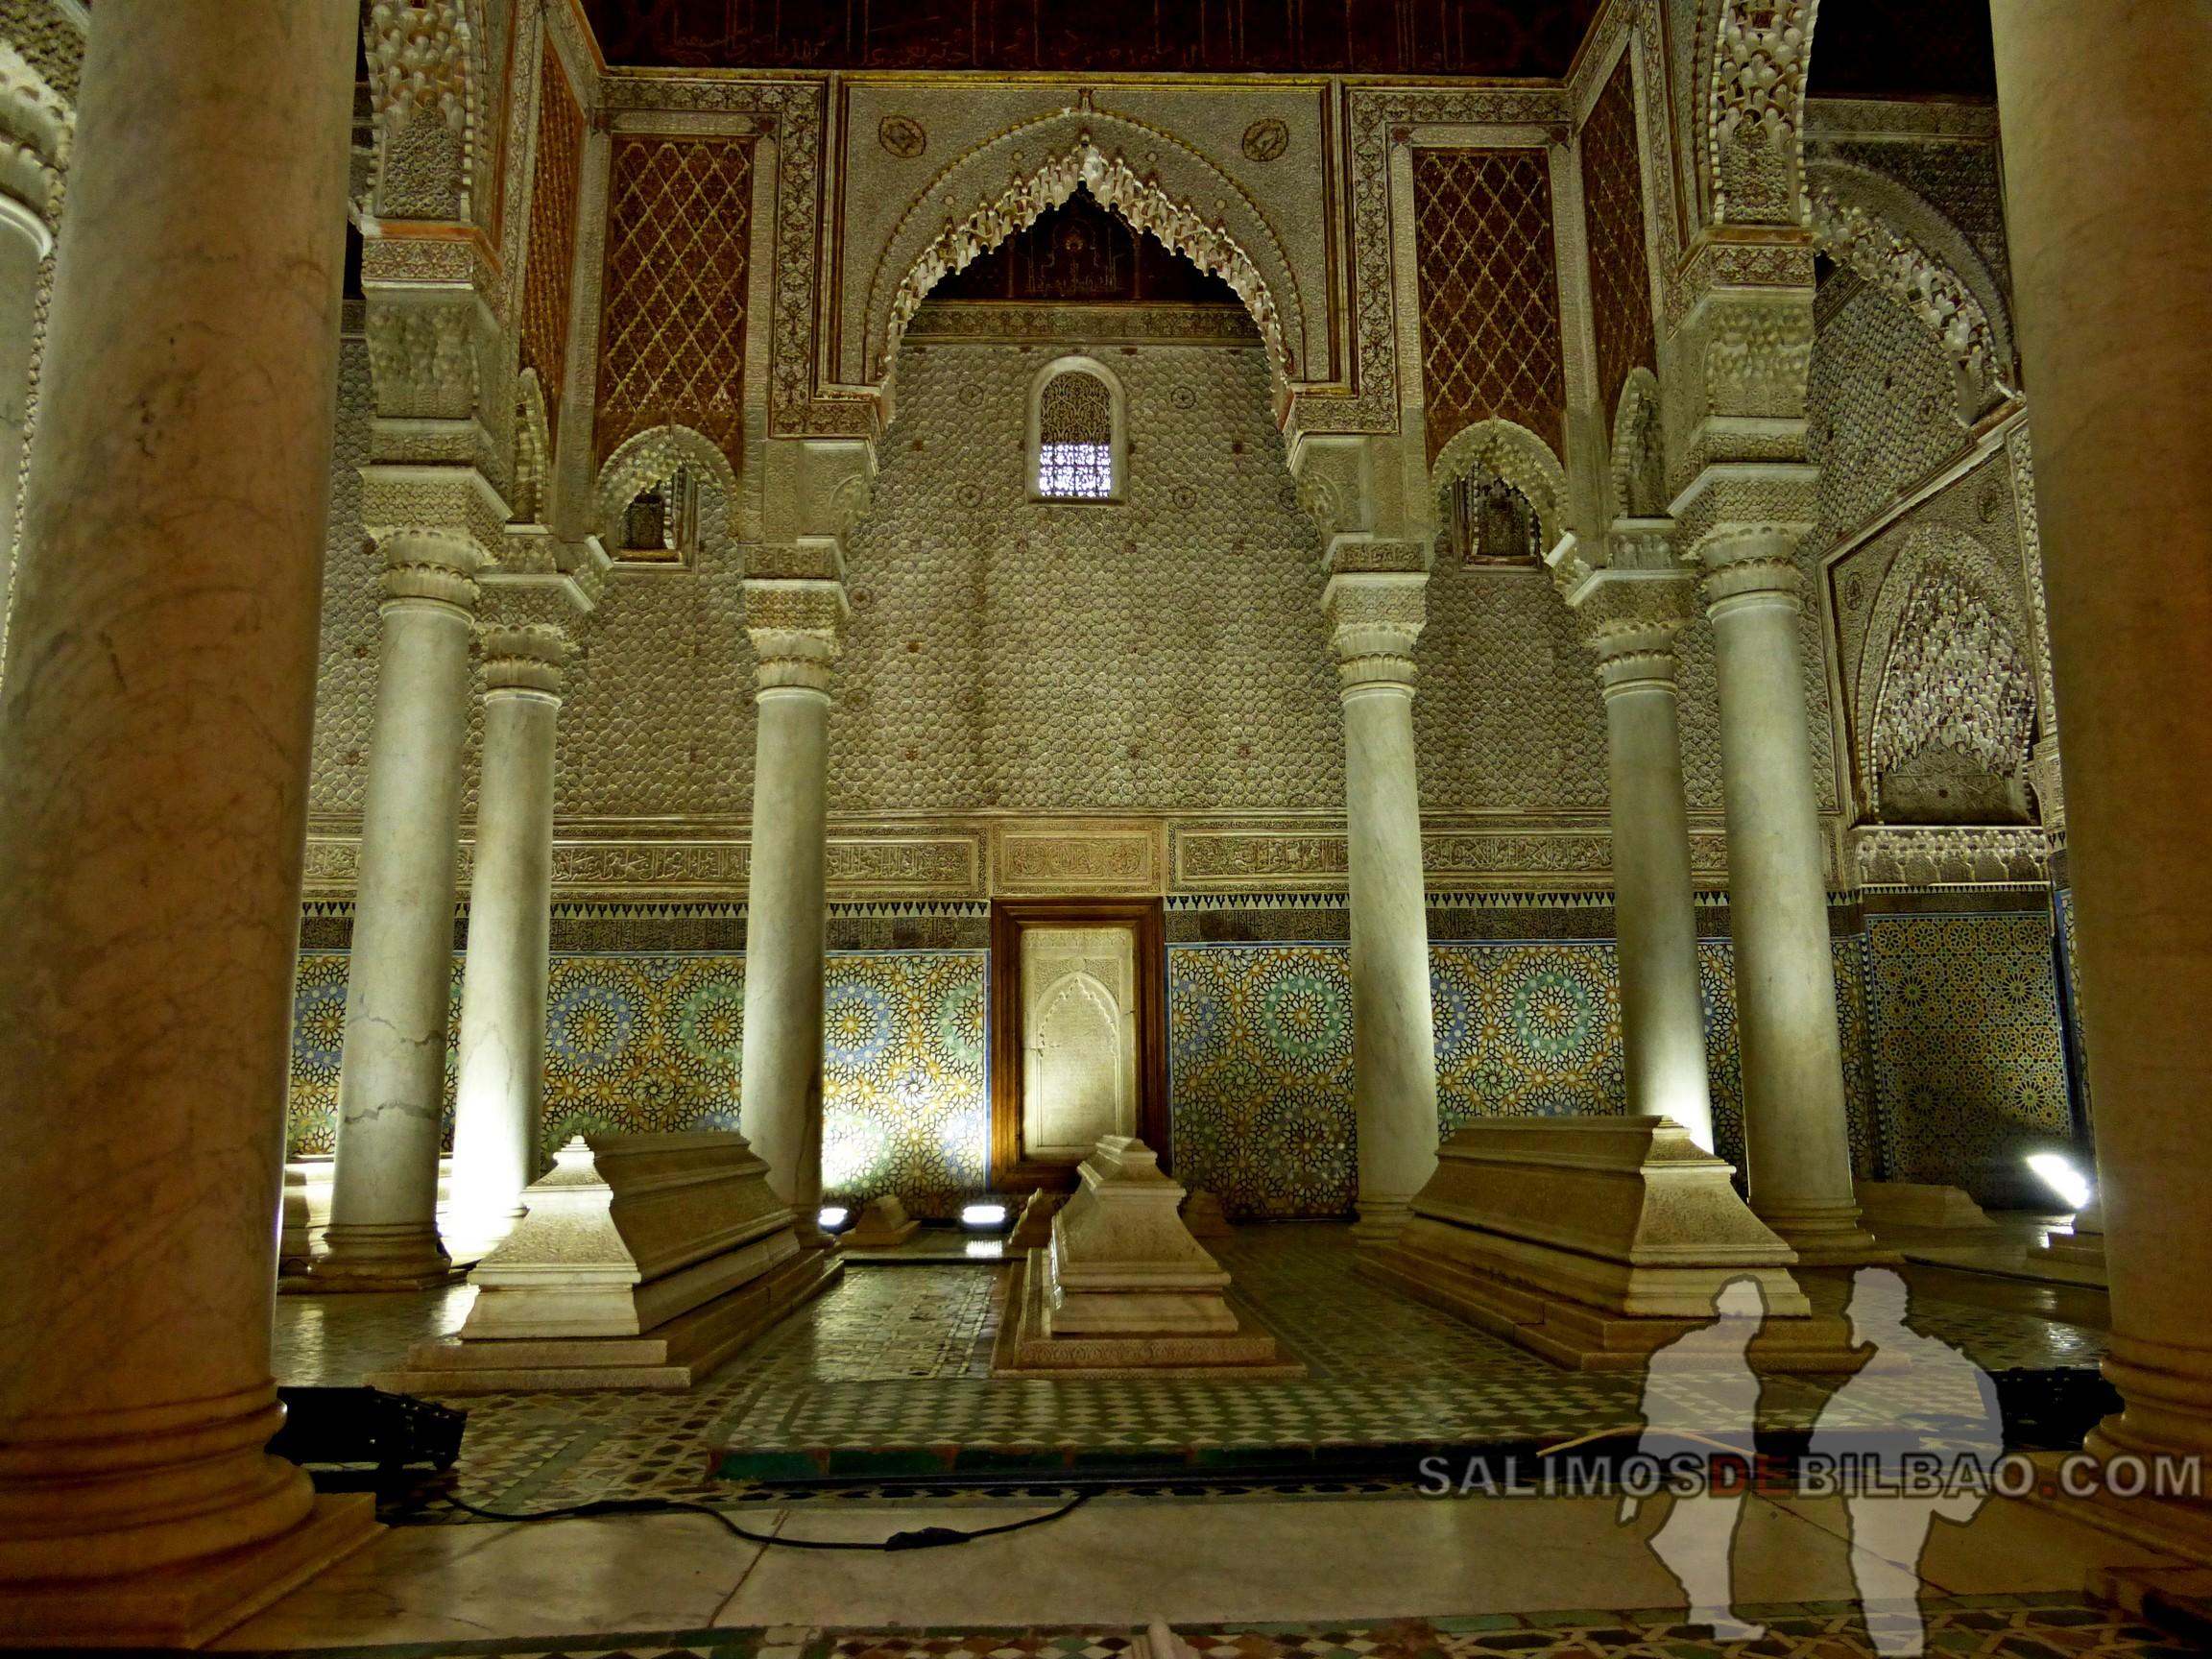 724. Tumbas saadíes, Marrakech